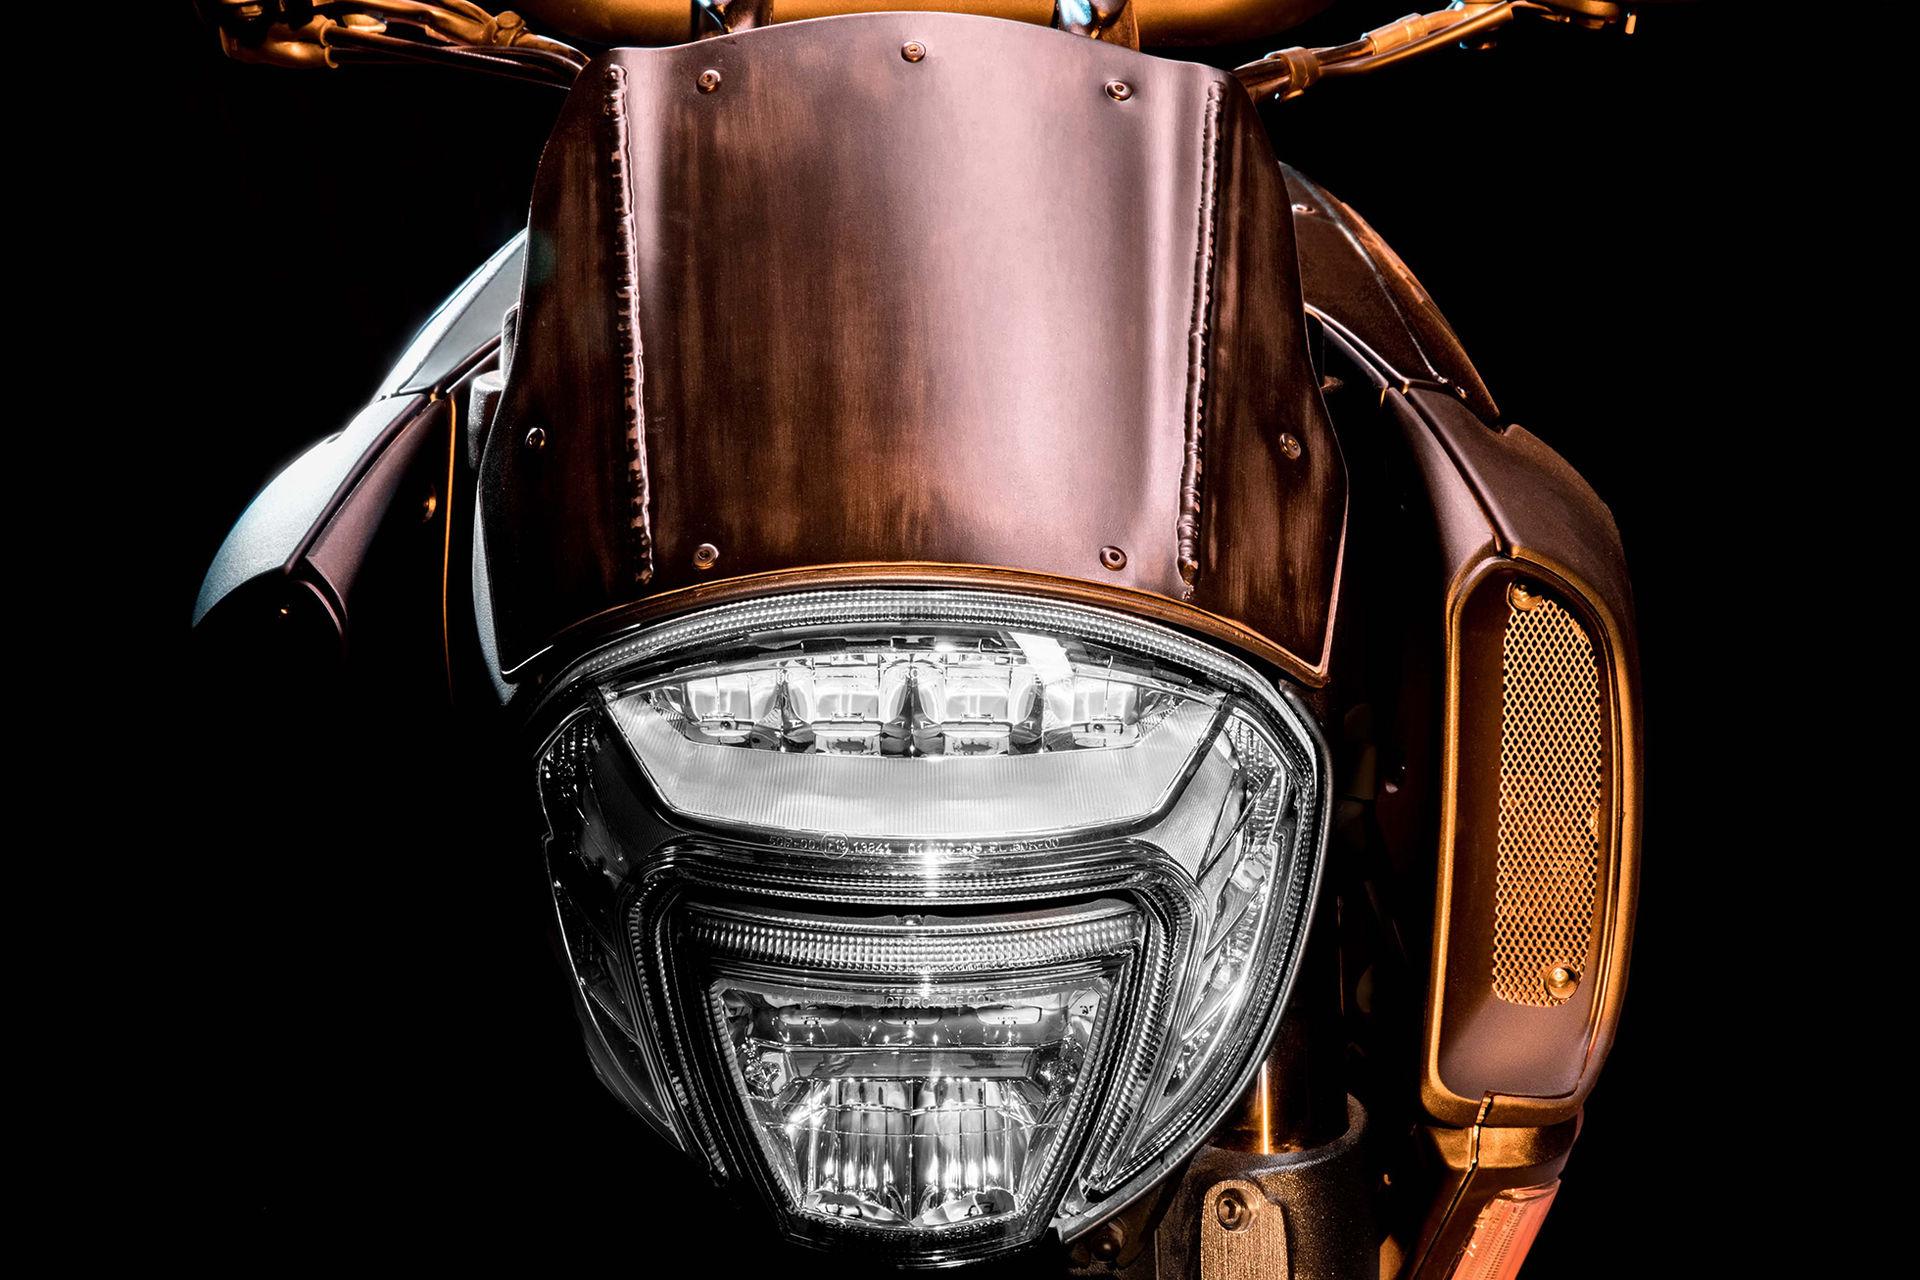 Ducati och Diesel visar Mad Max-liknande hoj